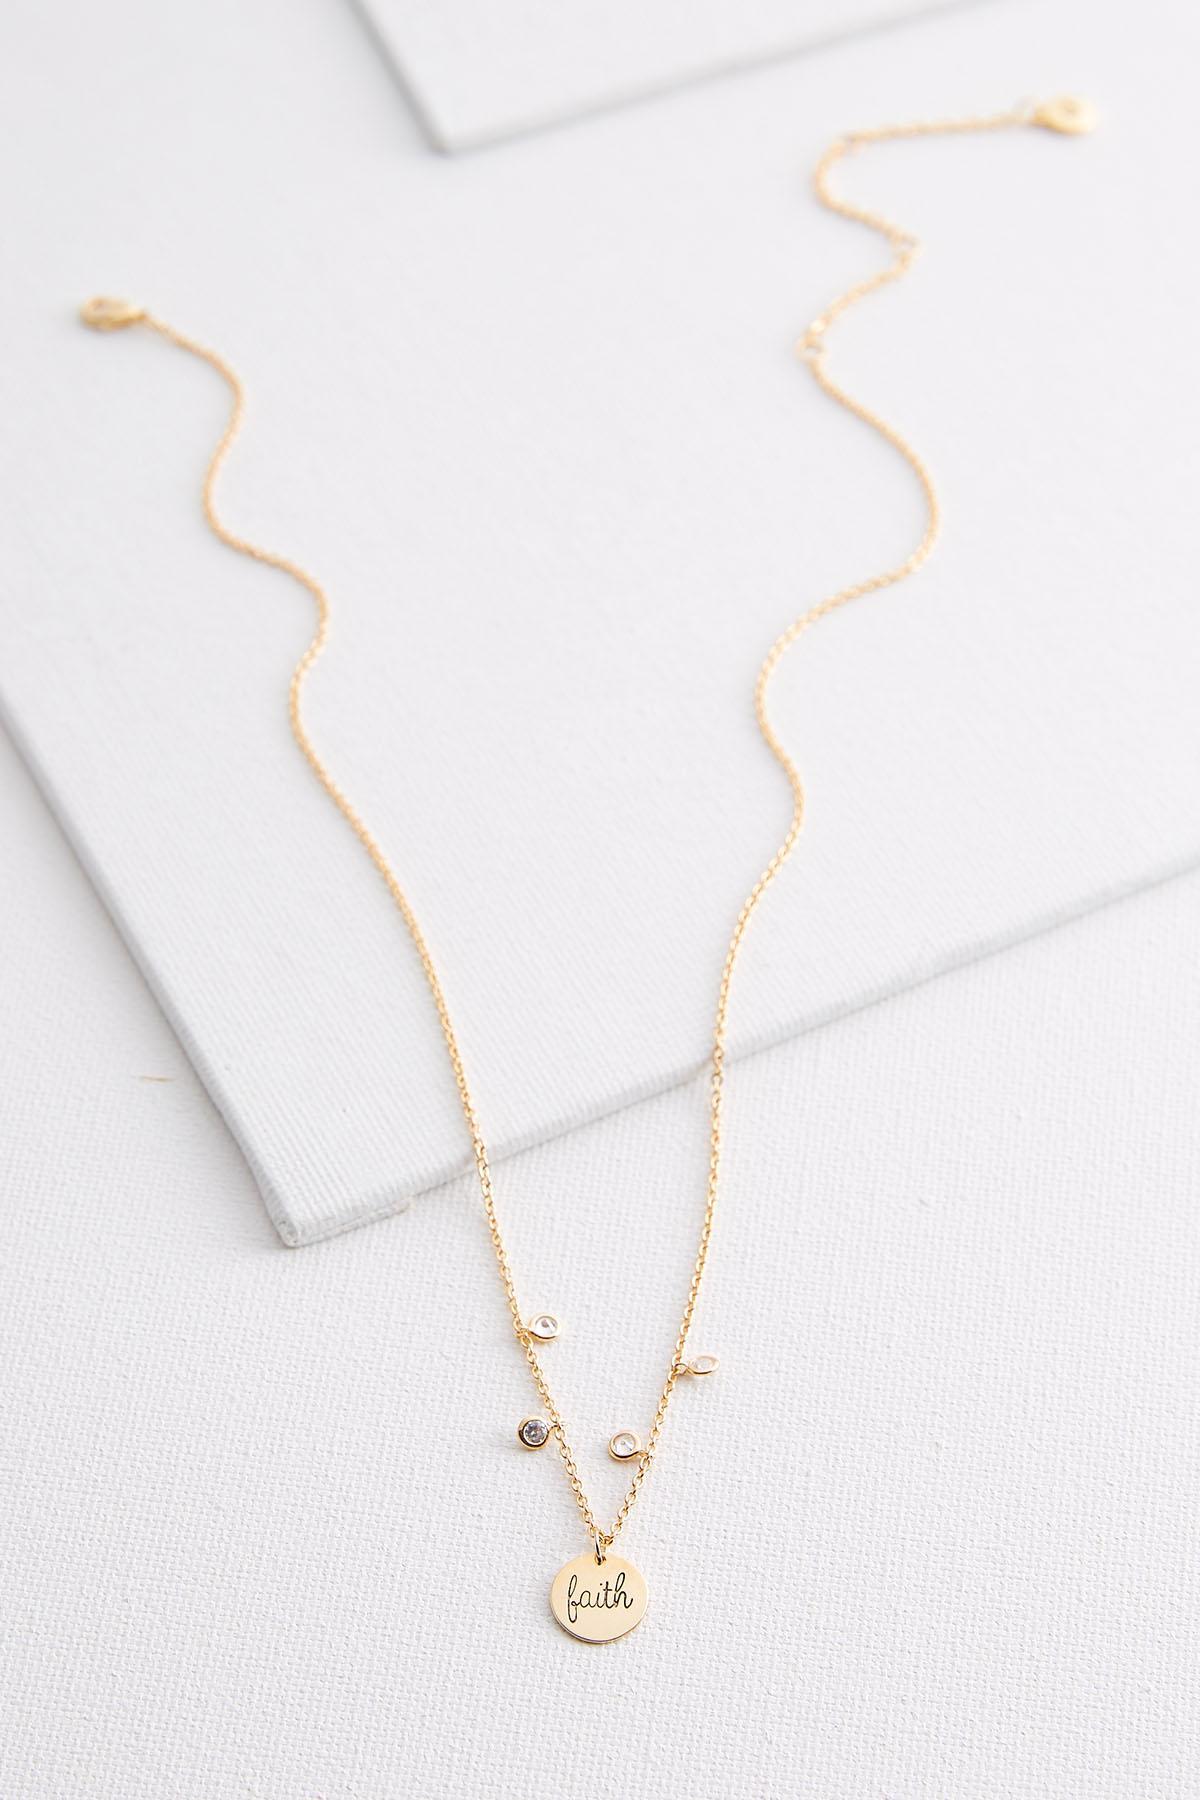 Faith Disc Necklace